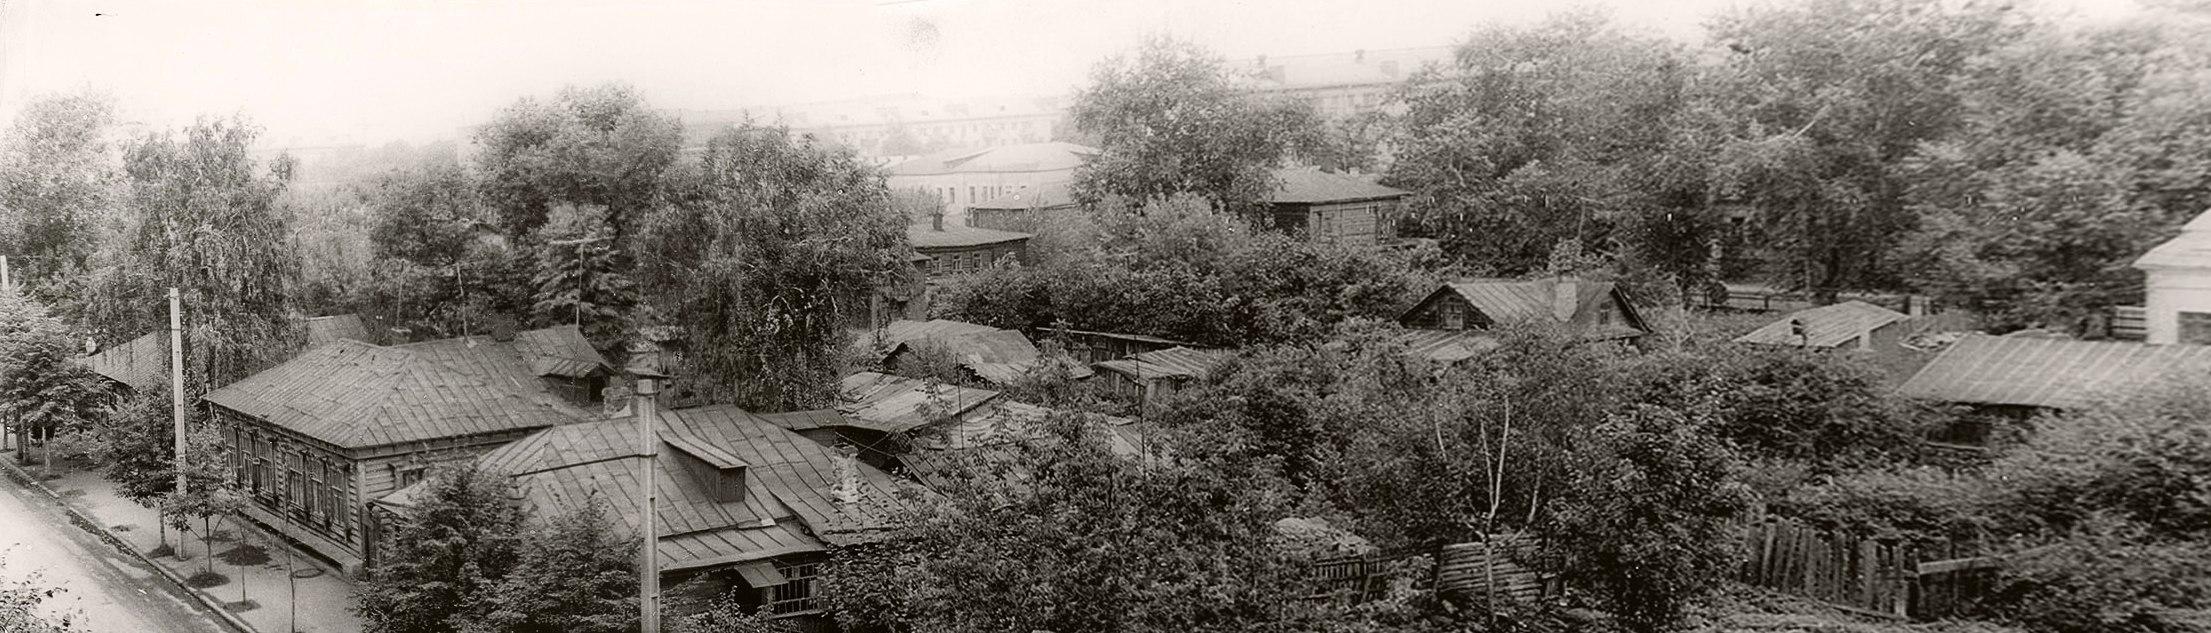 Подольск, ул. Рабочая. Дома на месте будущей площади 50-летия Октября (ныне площадь Славы) 1965-1966 гг.